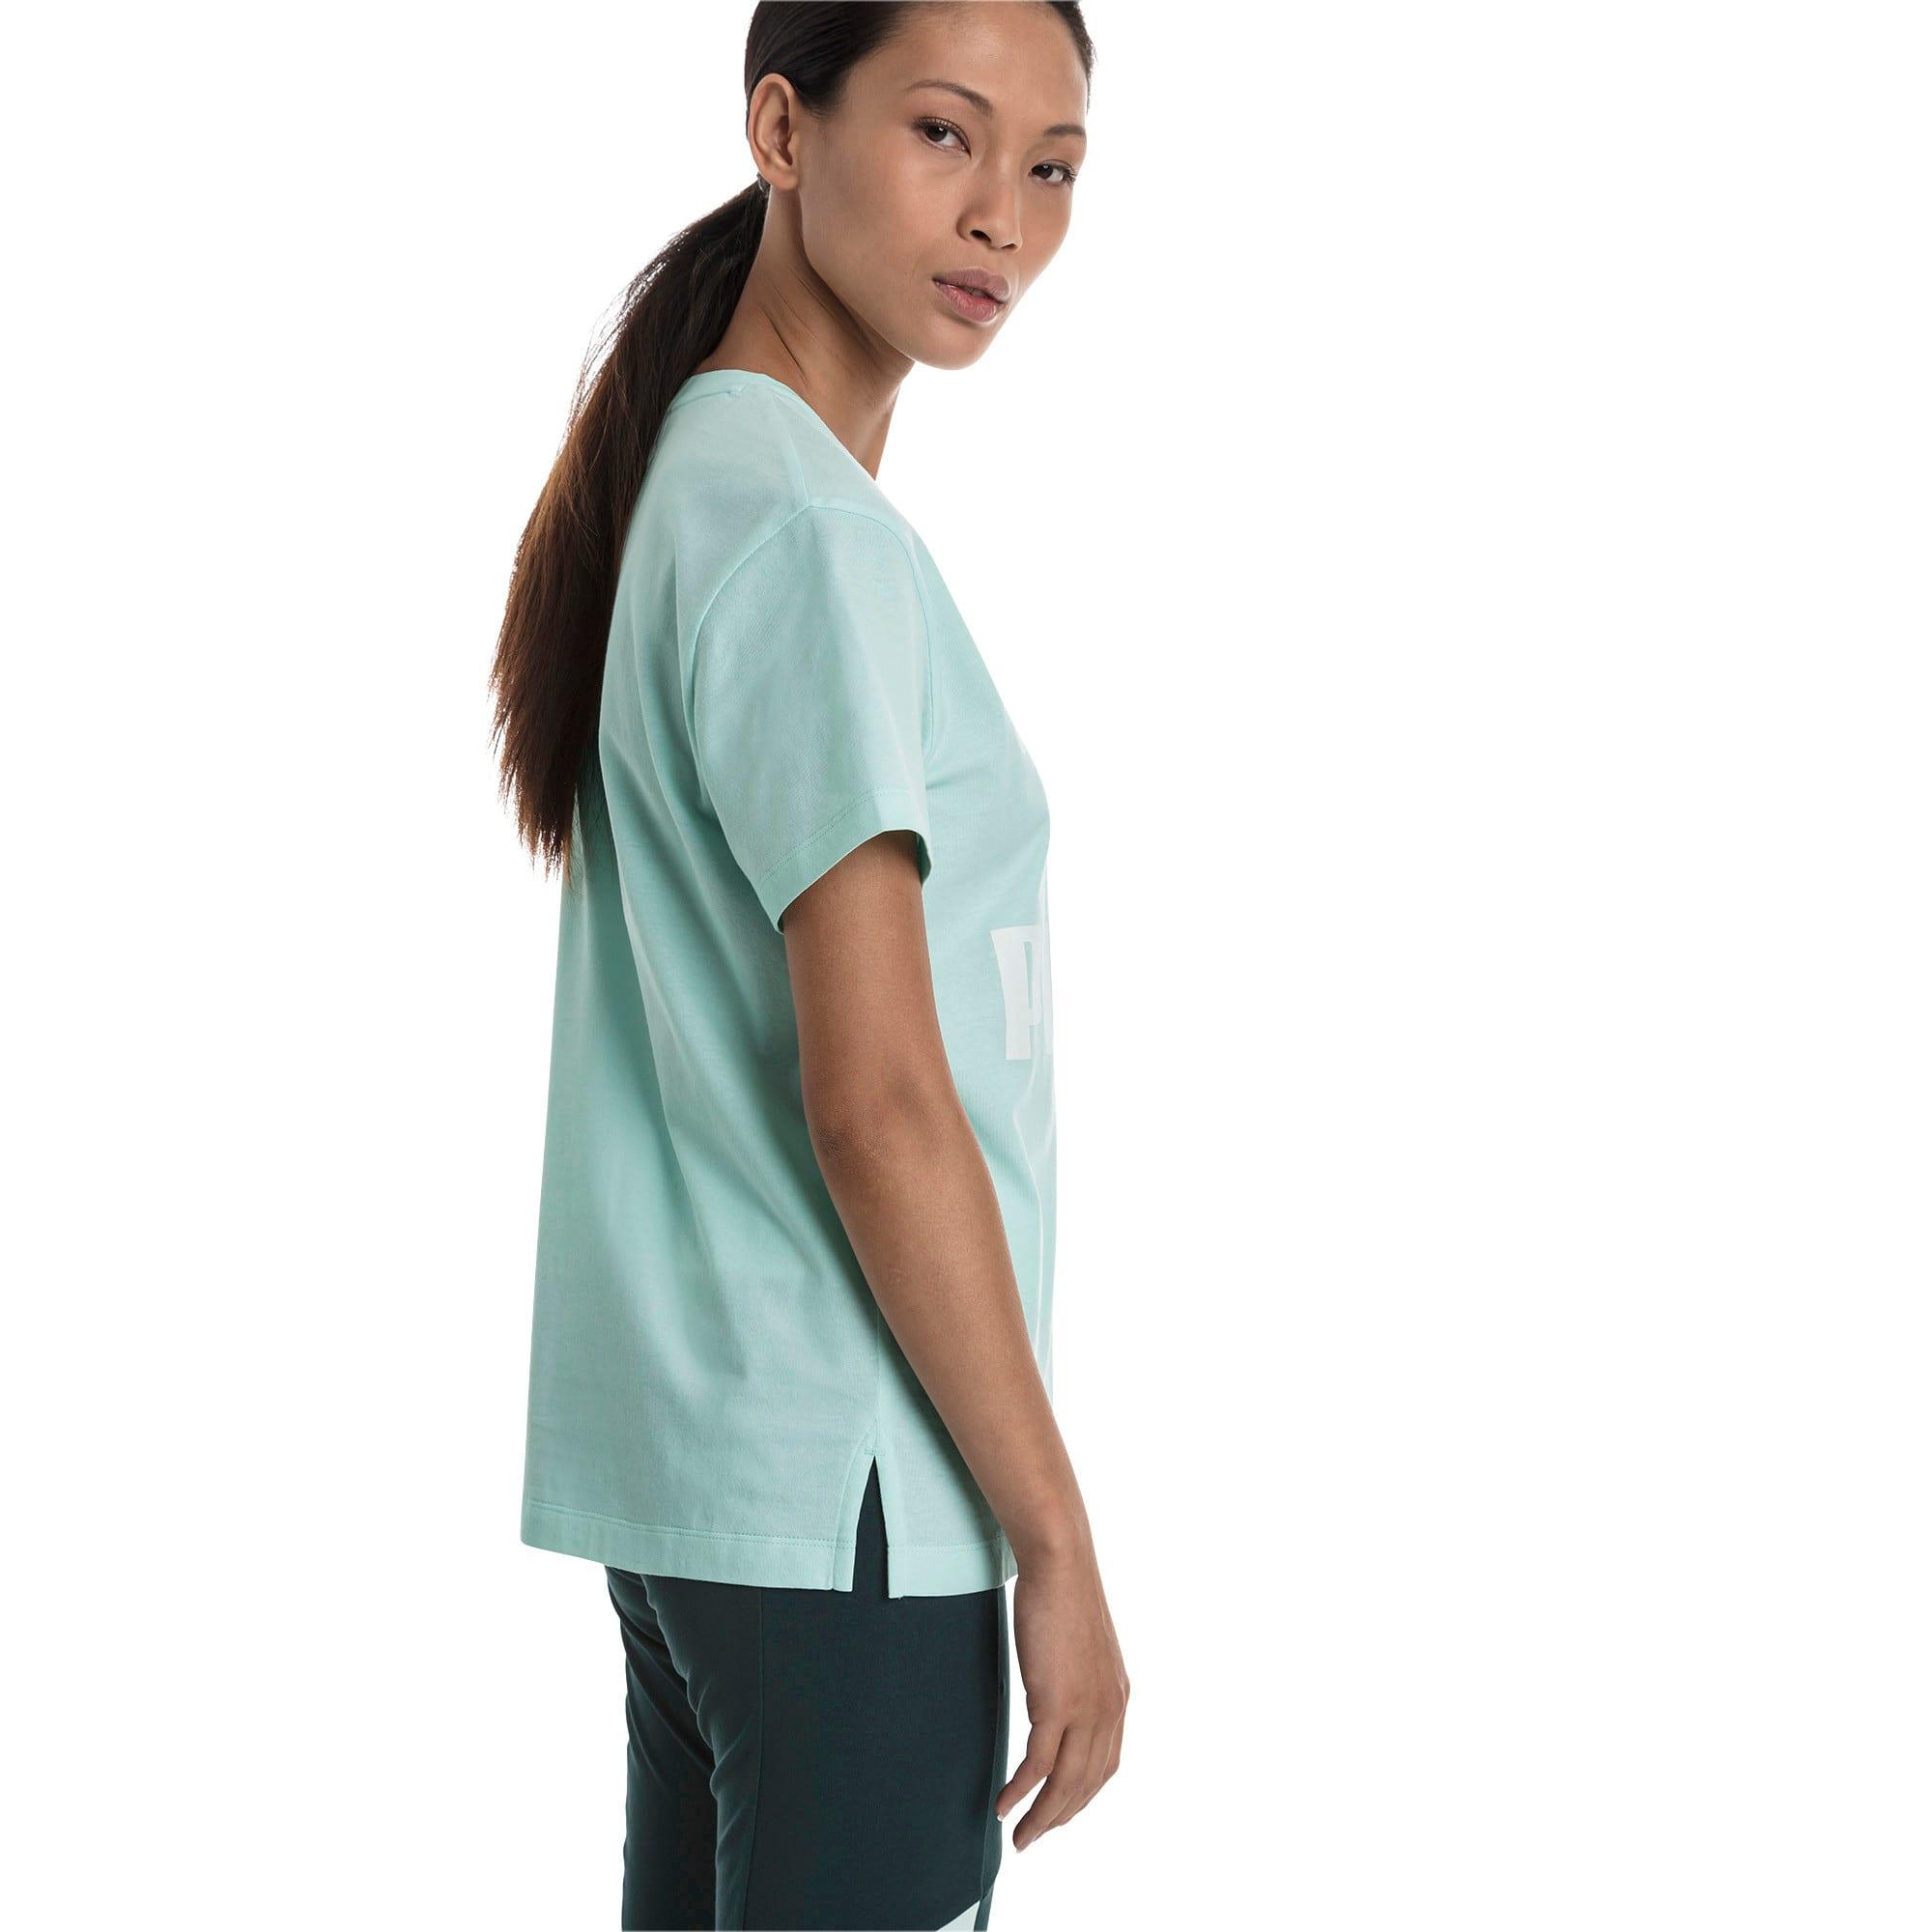 Thumbnail 3 of CLASSICS ロゴ ウィメンズ SS Tシャツ 半袖, Fair Aqua, medium-JPN